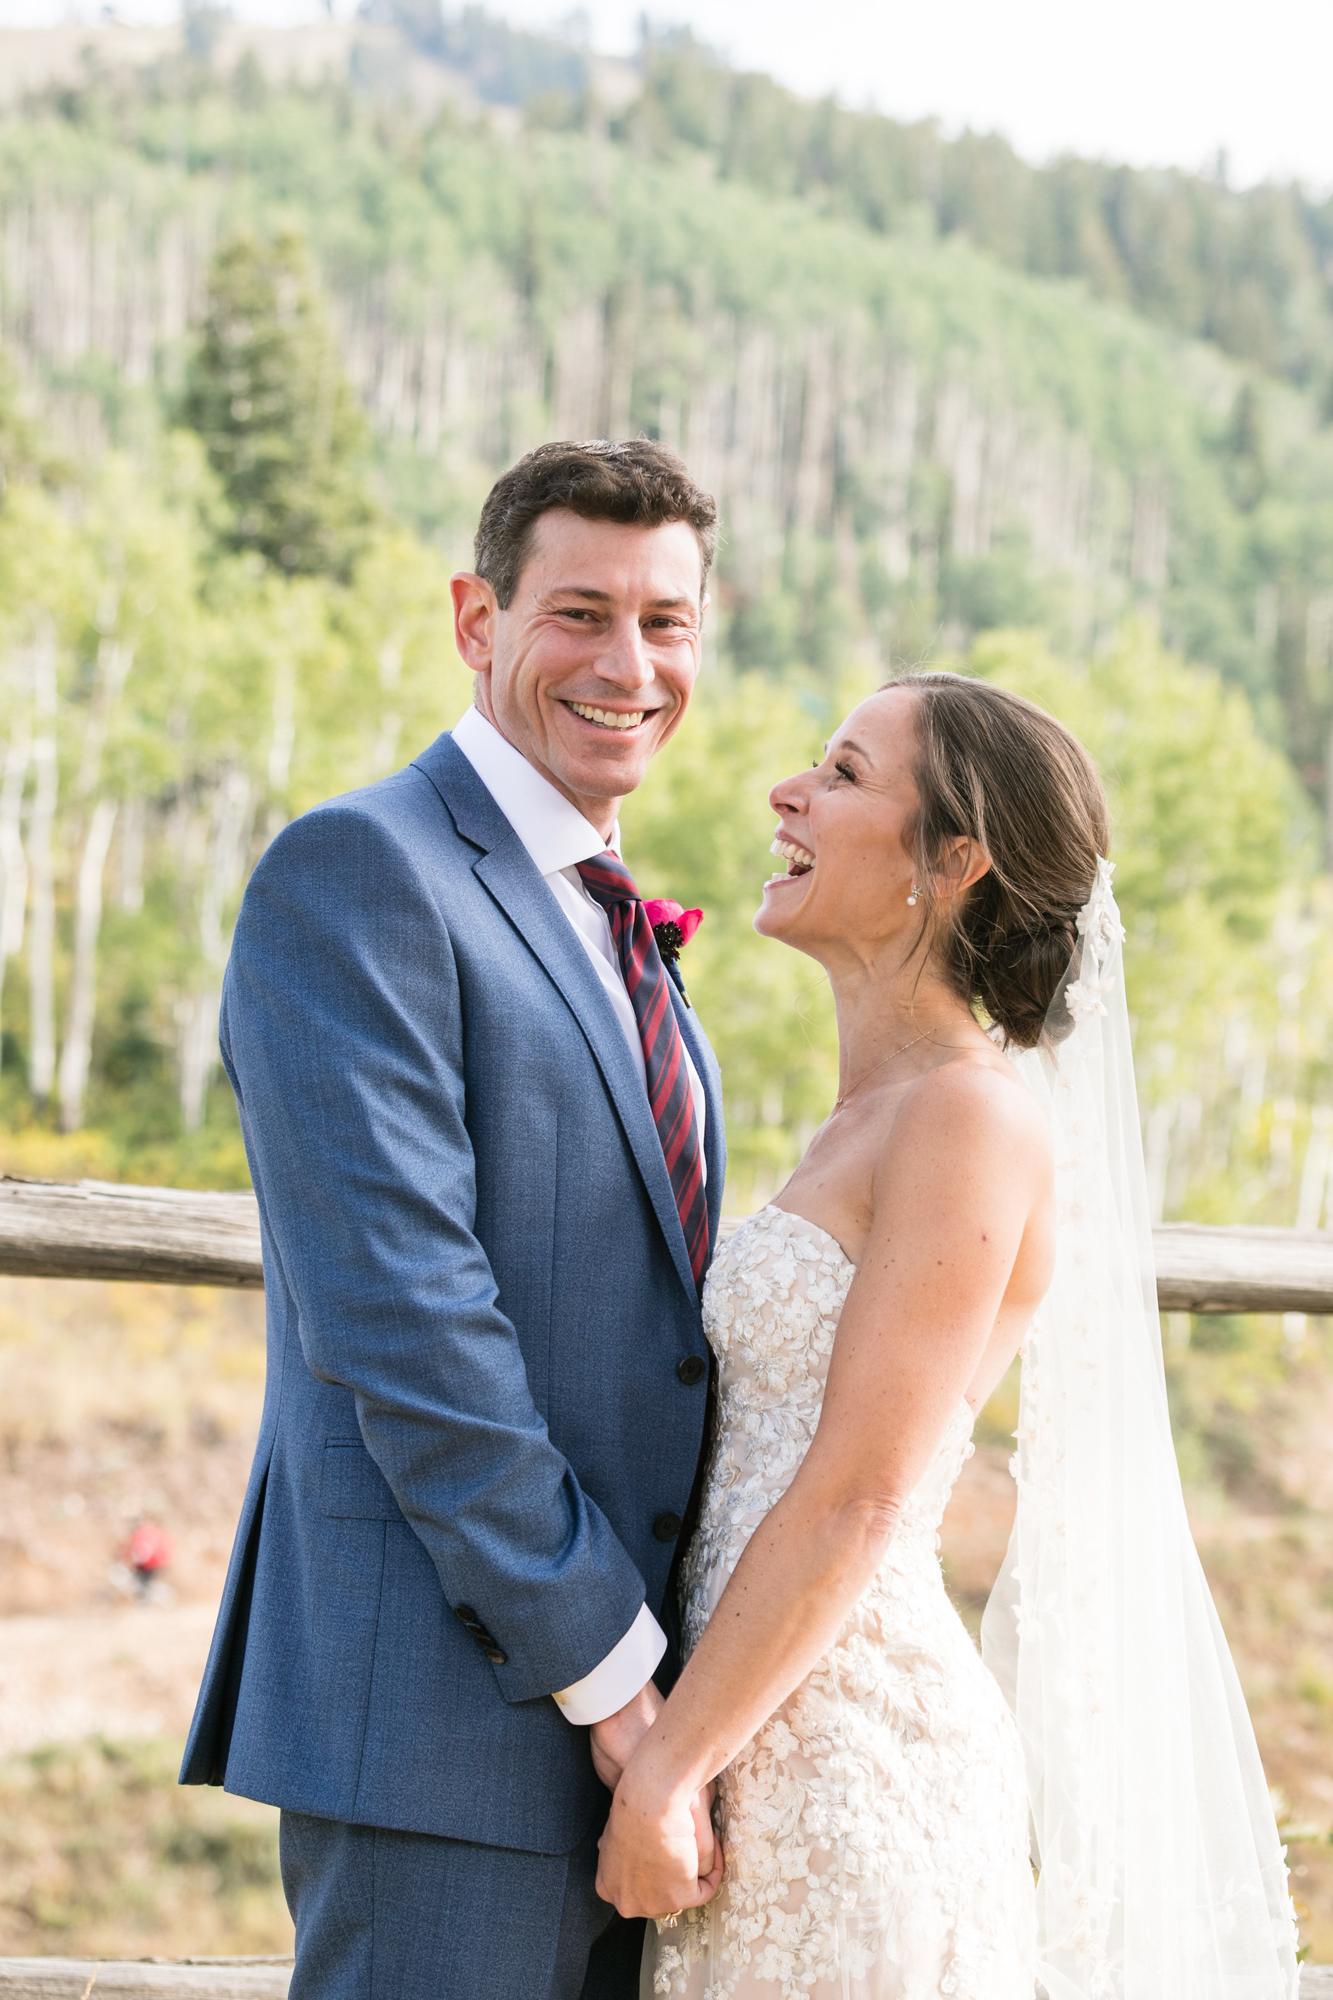 stein-eriksen-wedding-photography-11.jpg